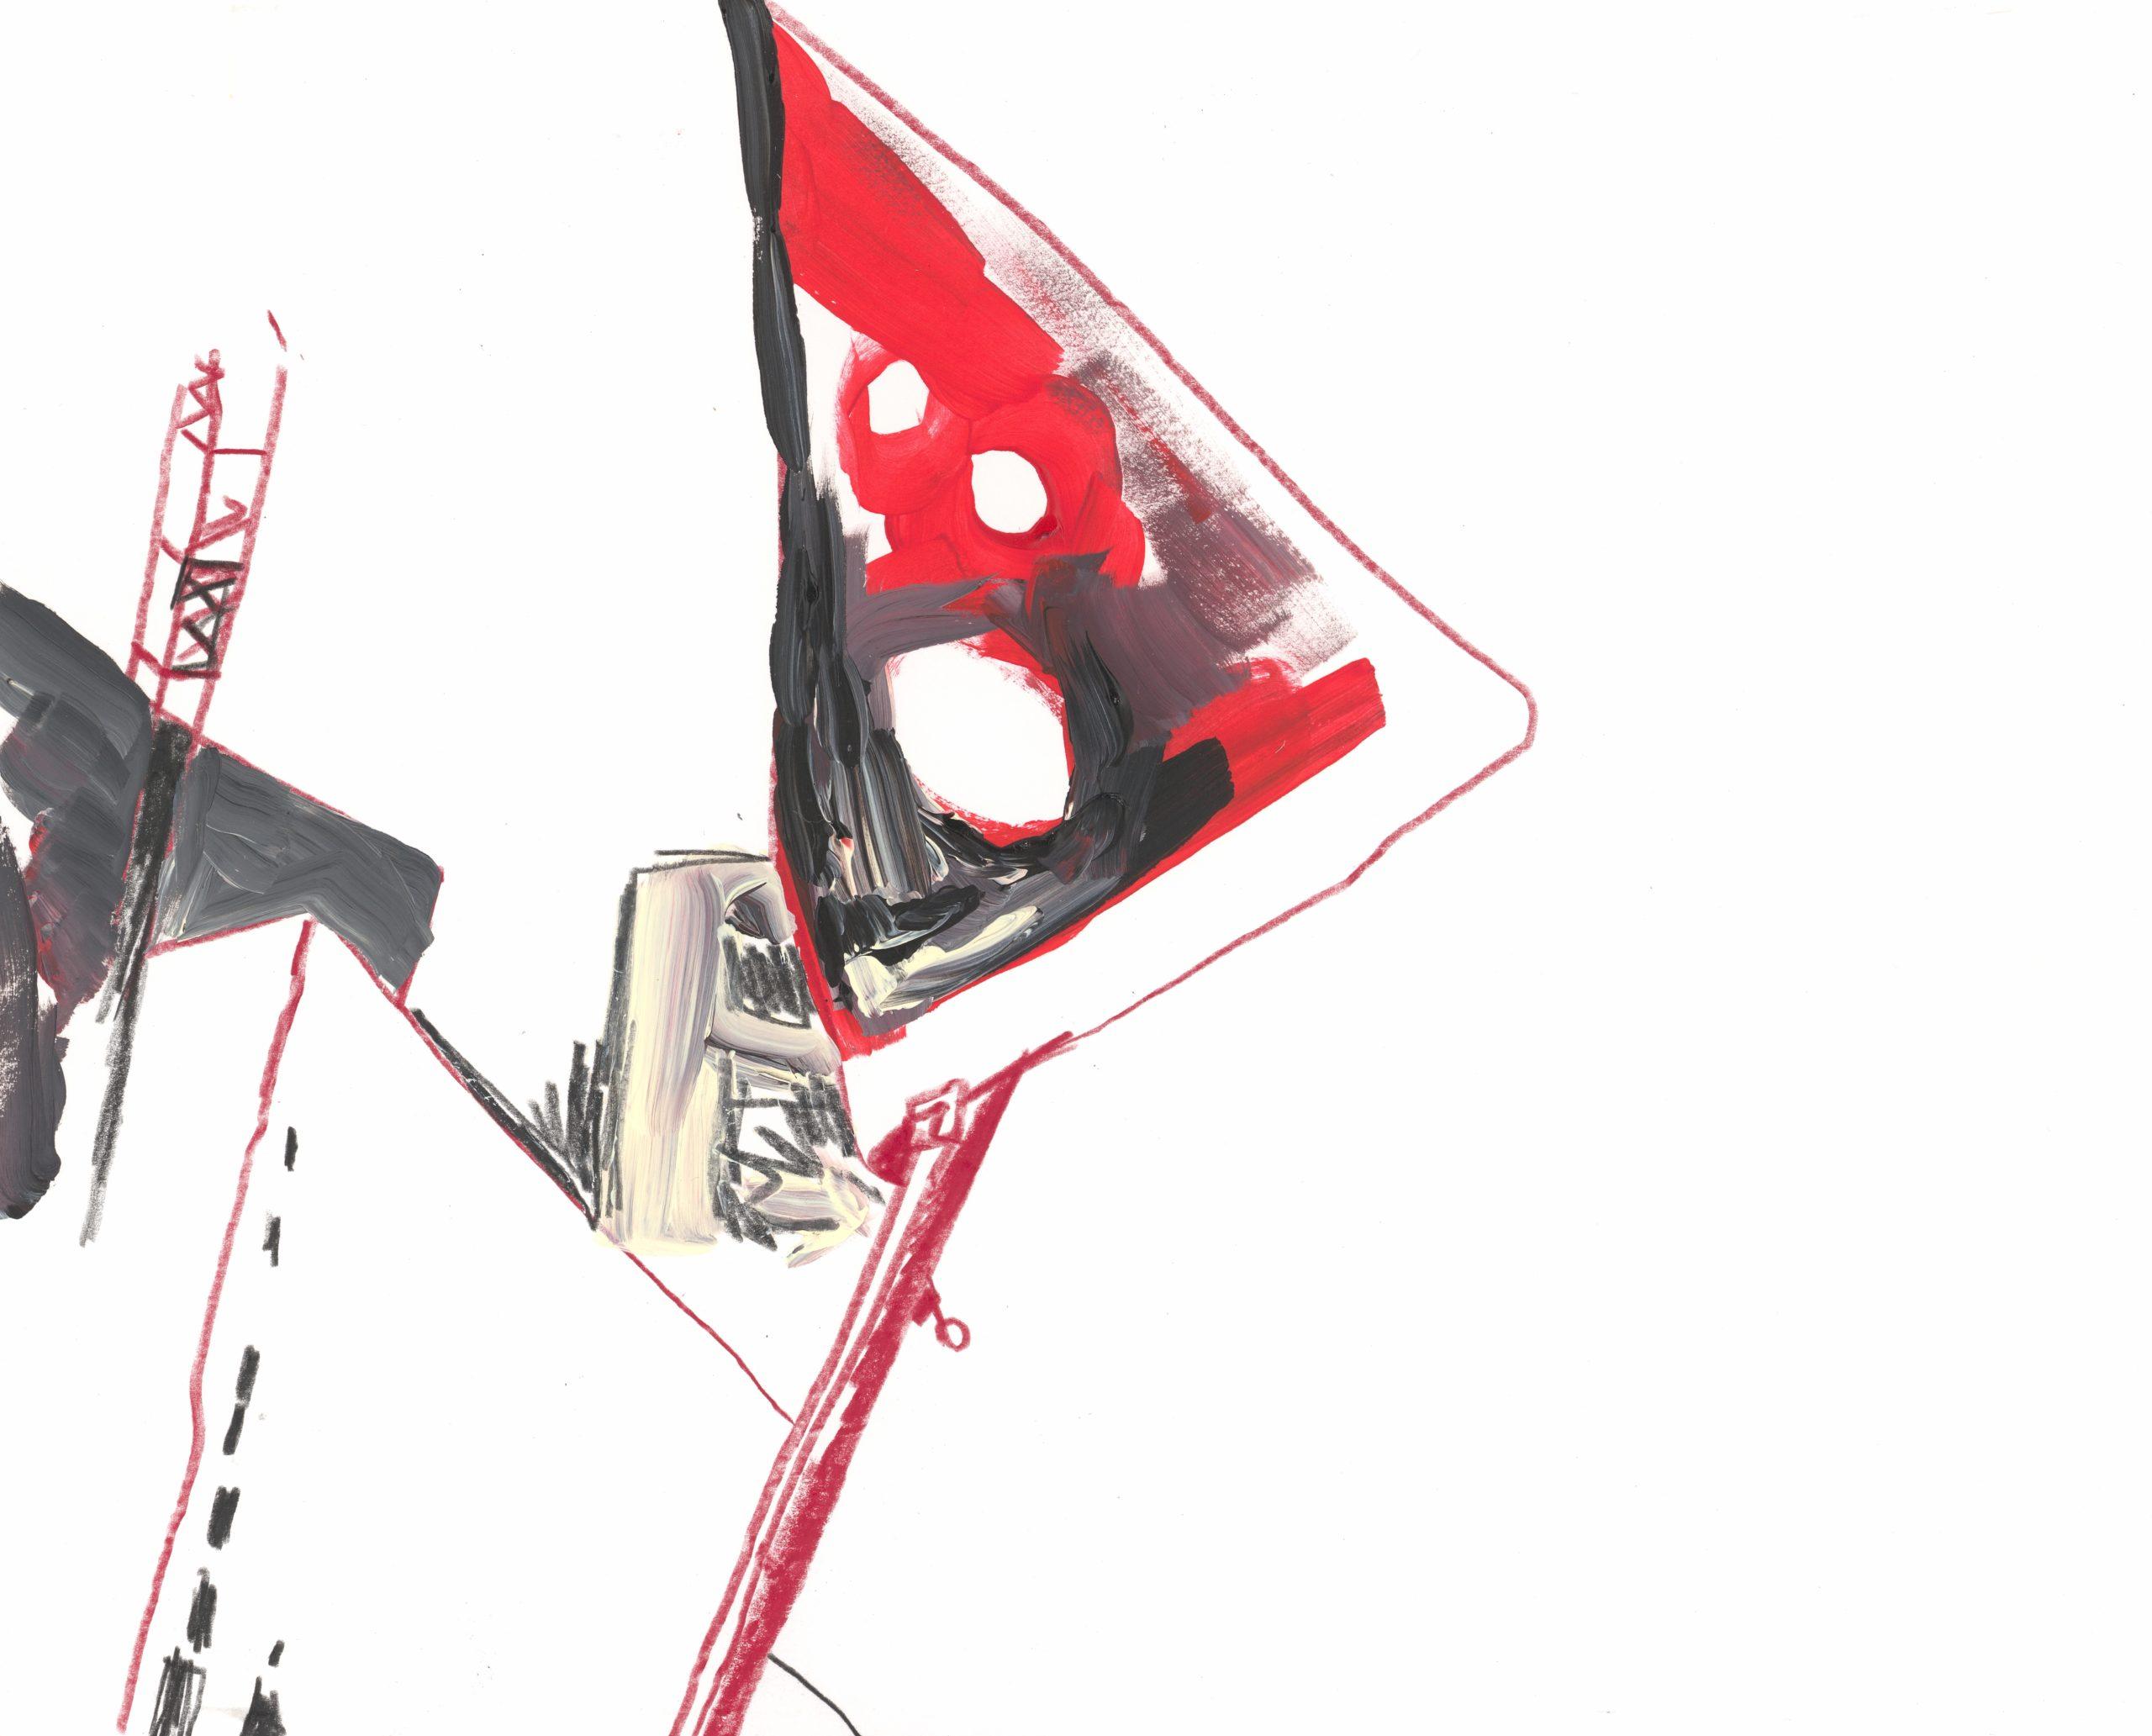 Stadcorpi 1a, Farbstift (Polychromo) und Acryl auf Papier,  2019 by Melissa Hermann